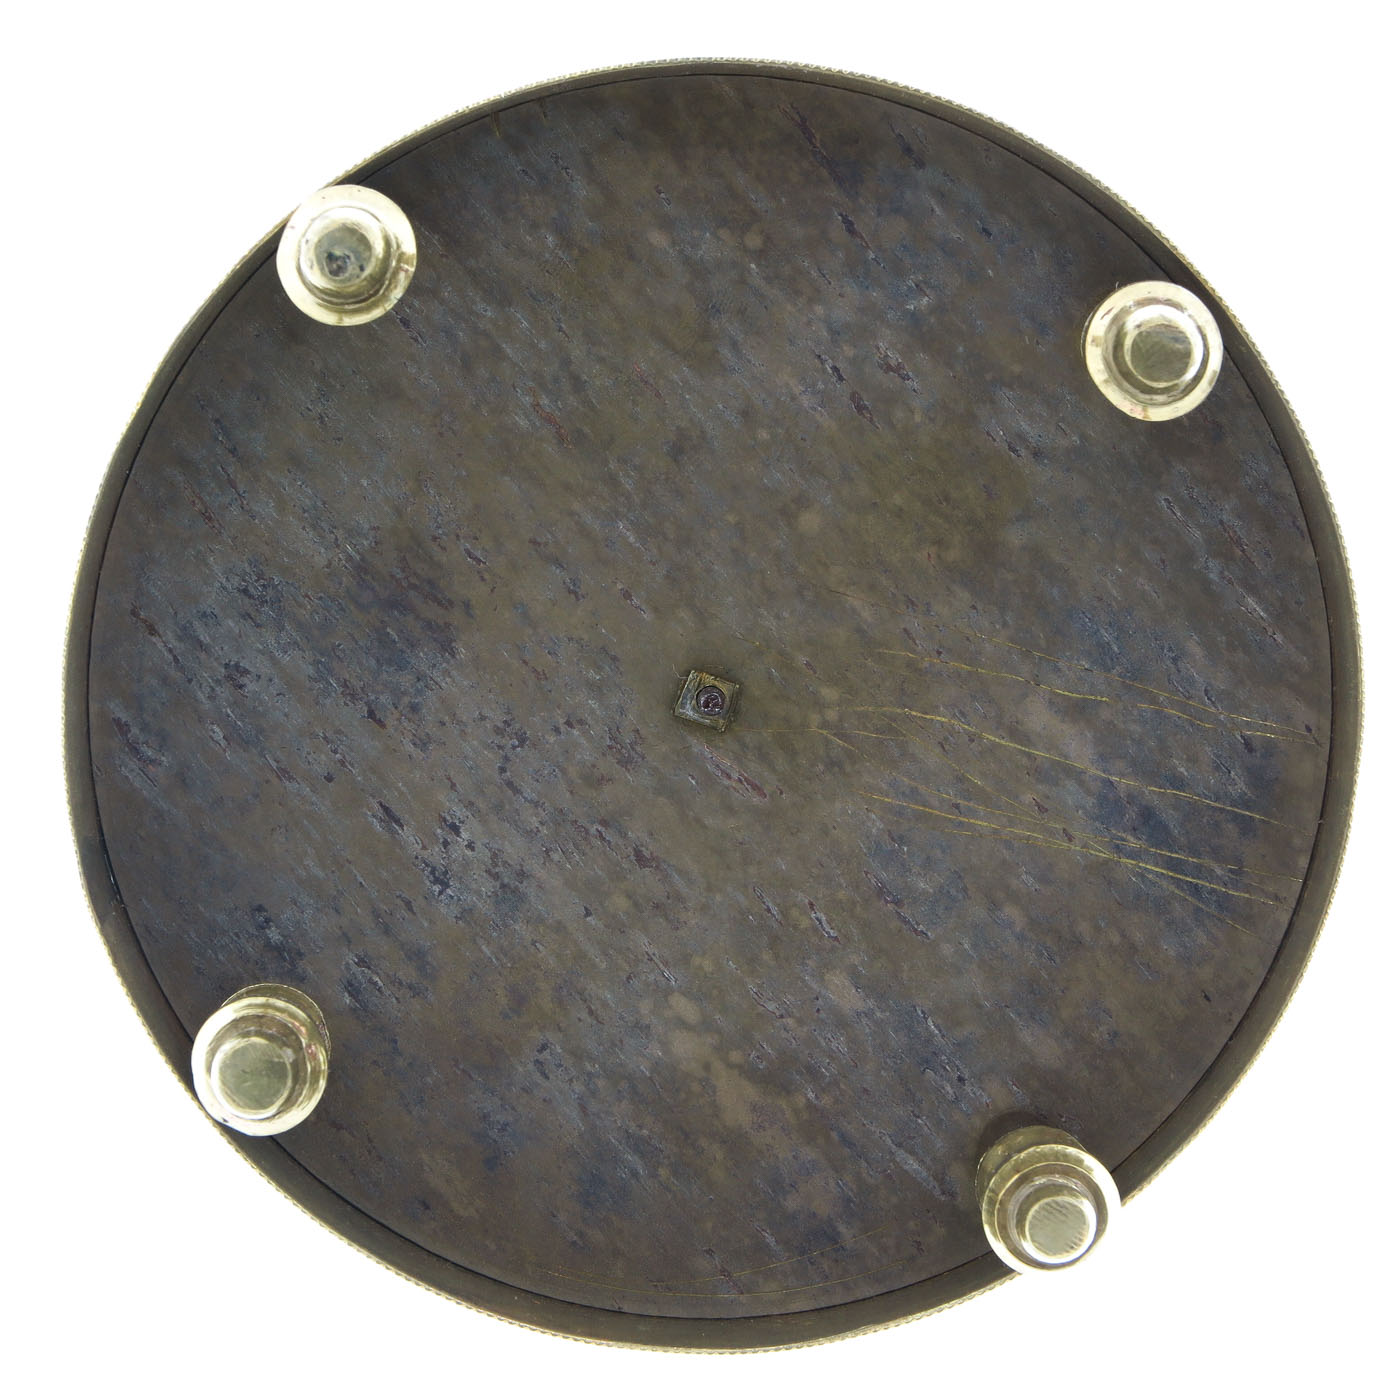 Lot 1010 - An Empire Pendulum